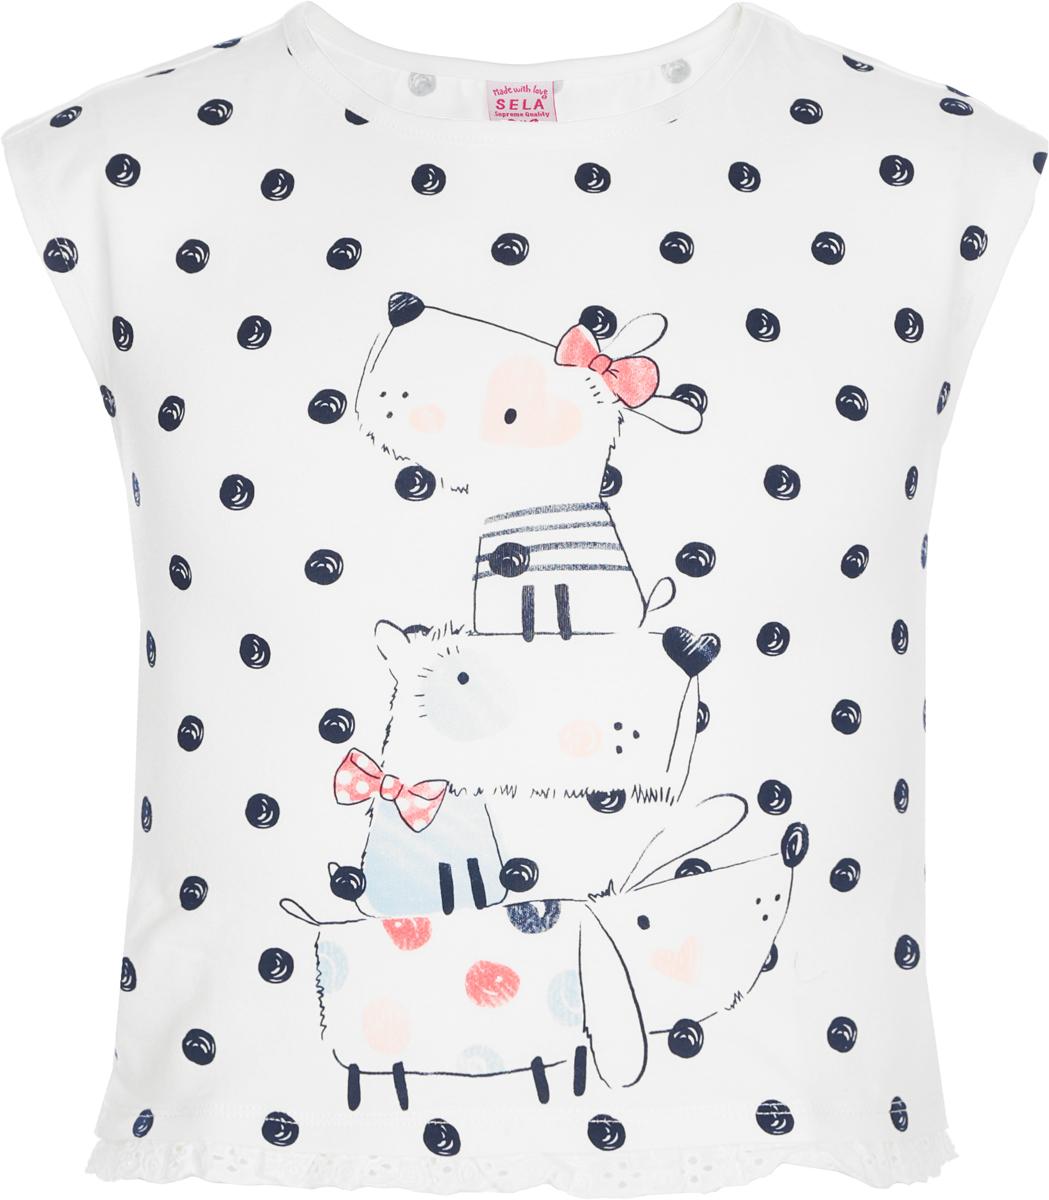 Джемпер для девочки Sela, цвет: слоновая кость. Ts-511/499-8234. Размер 116, 6 лет футболка для девочки sela цвет молочный белый ts 511 476 8122 размер 116 6 лет